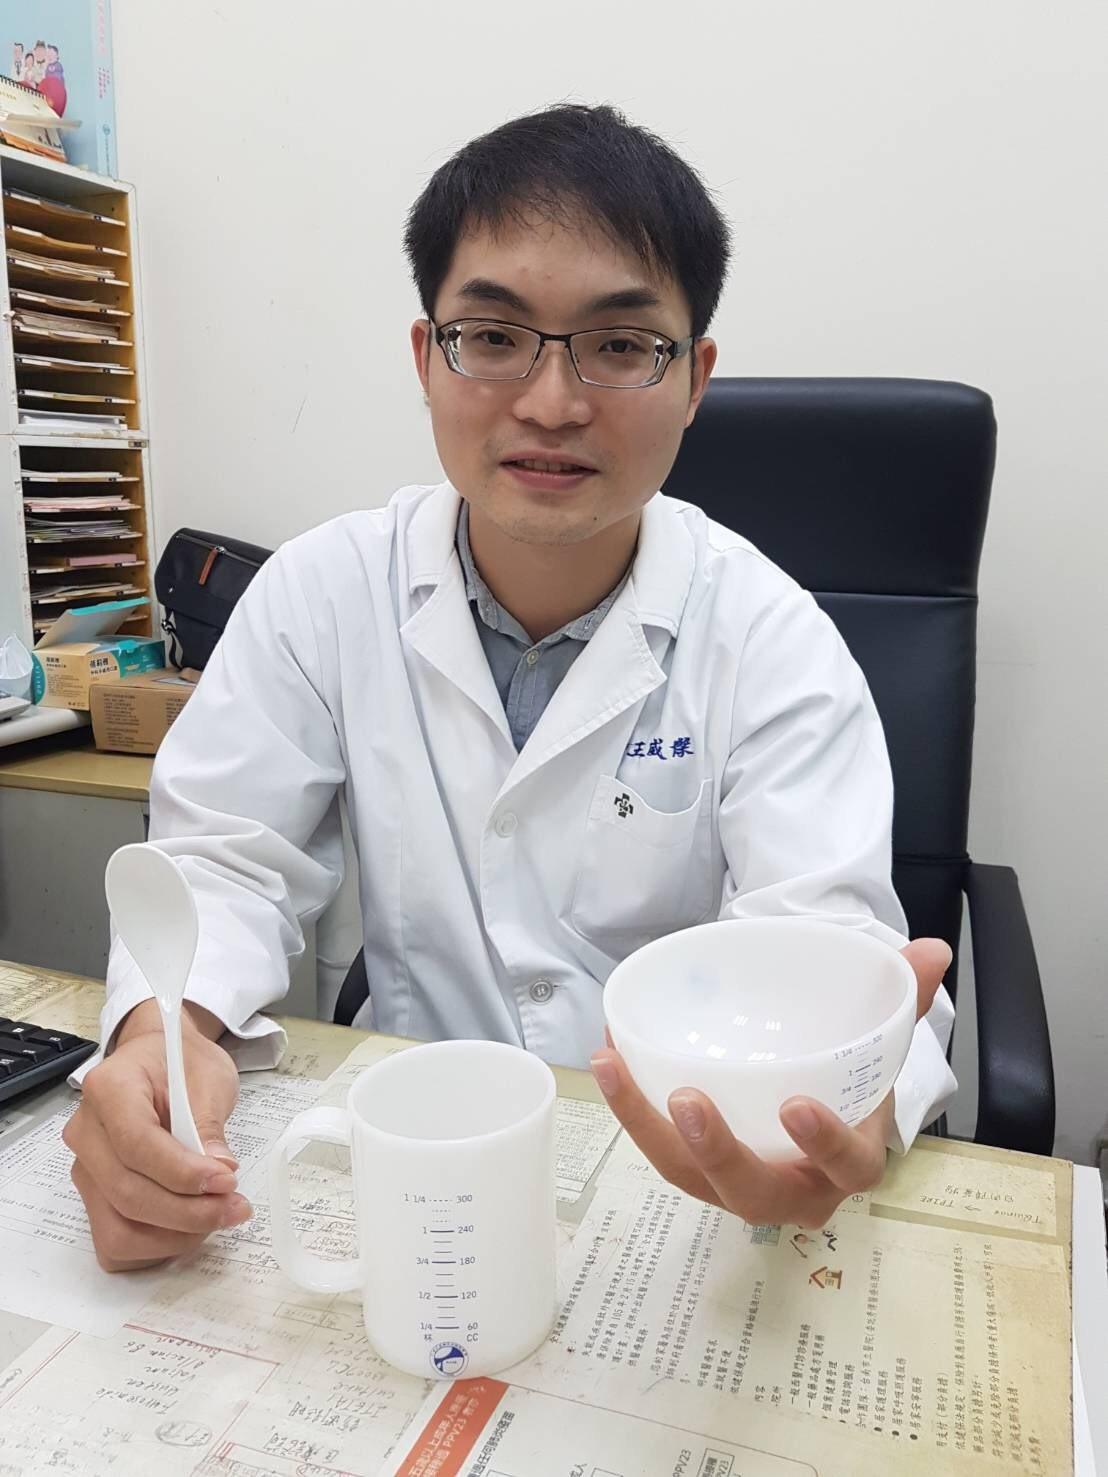 台南市立醫院家醫科醫師王威傑提醒大家重視飲食。圖/市醫提供